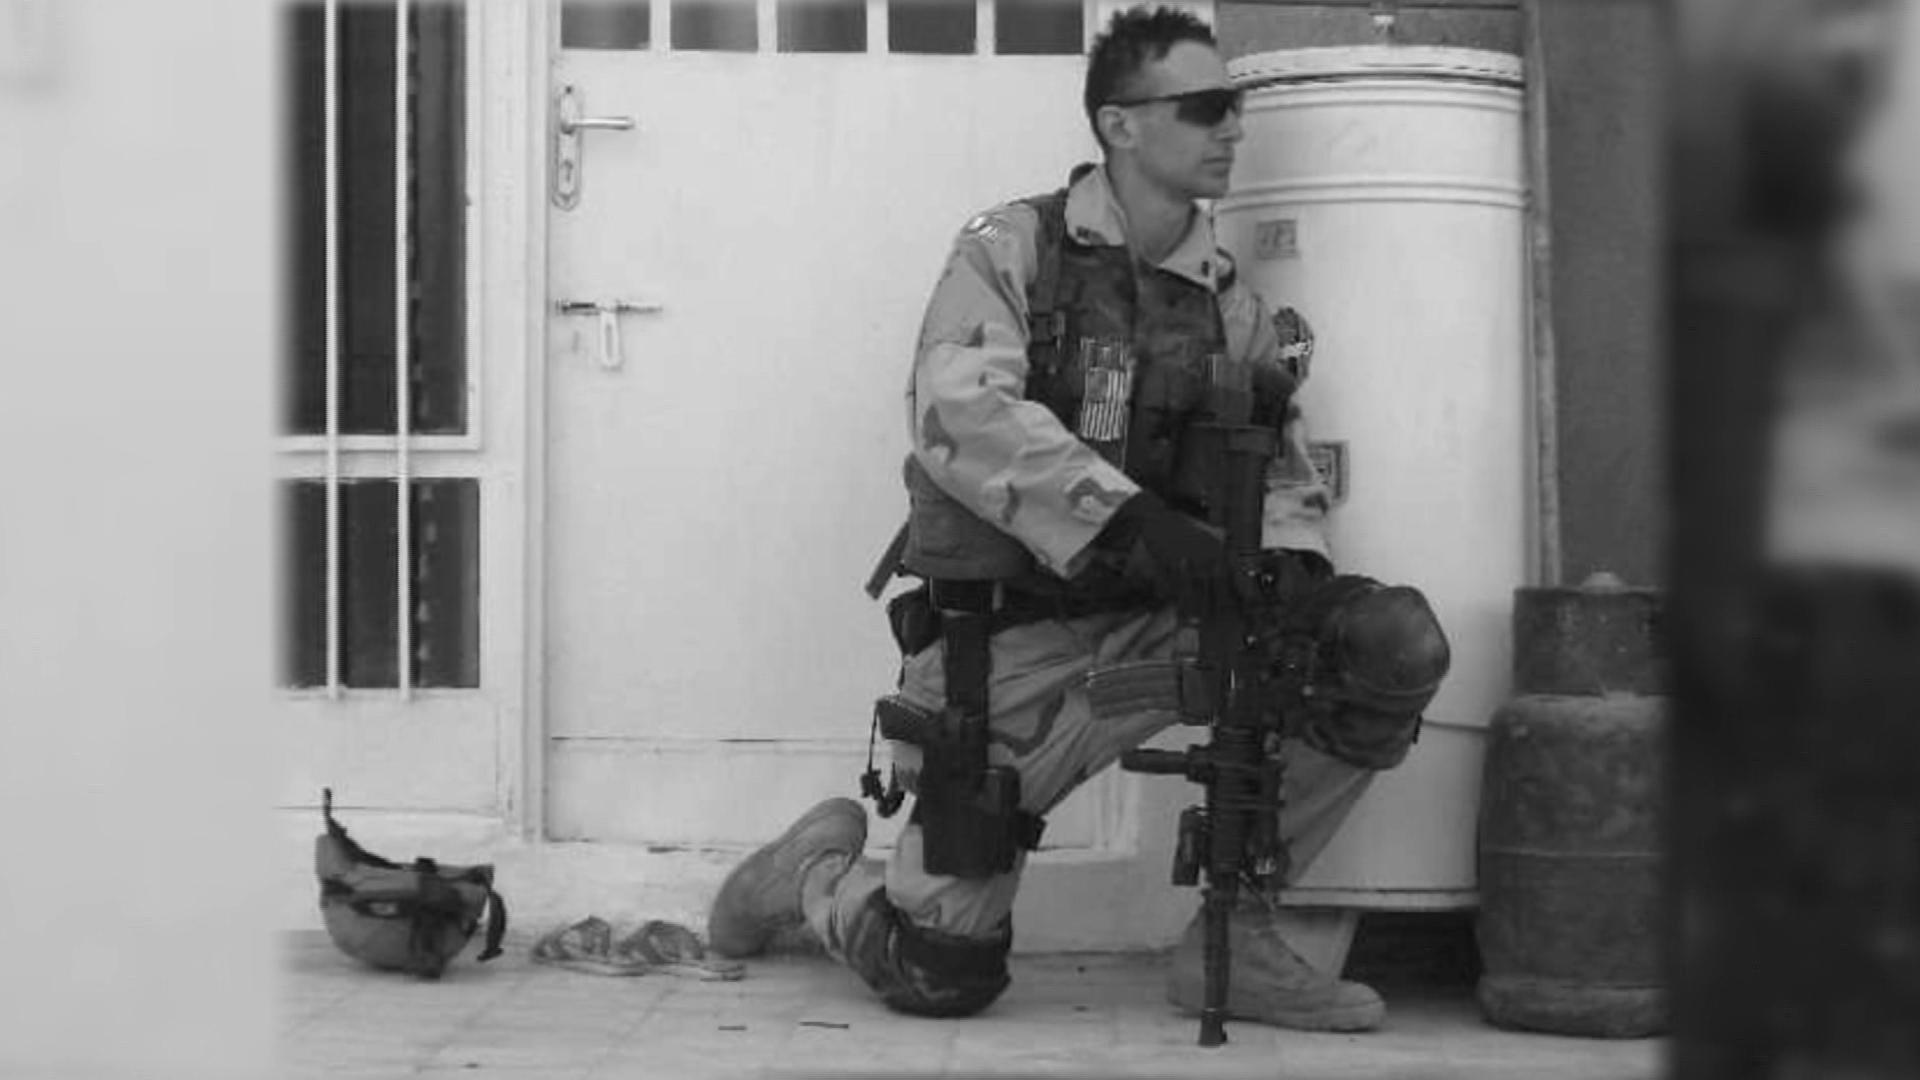 3m veteran suing